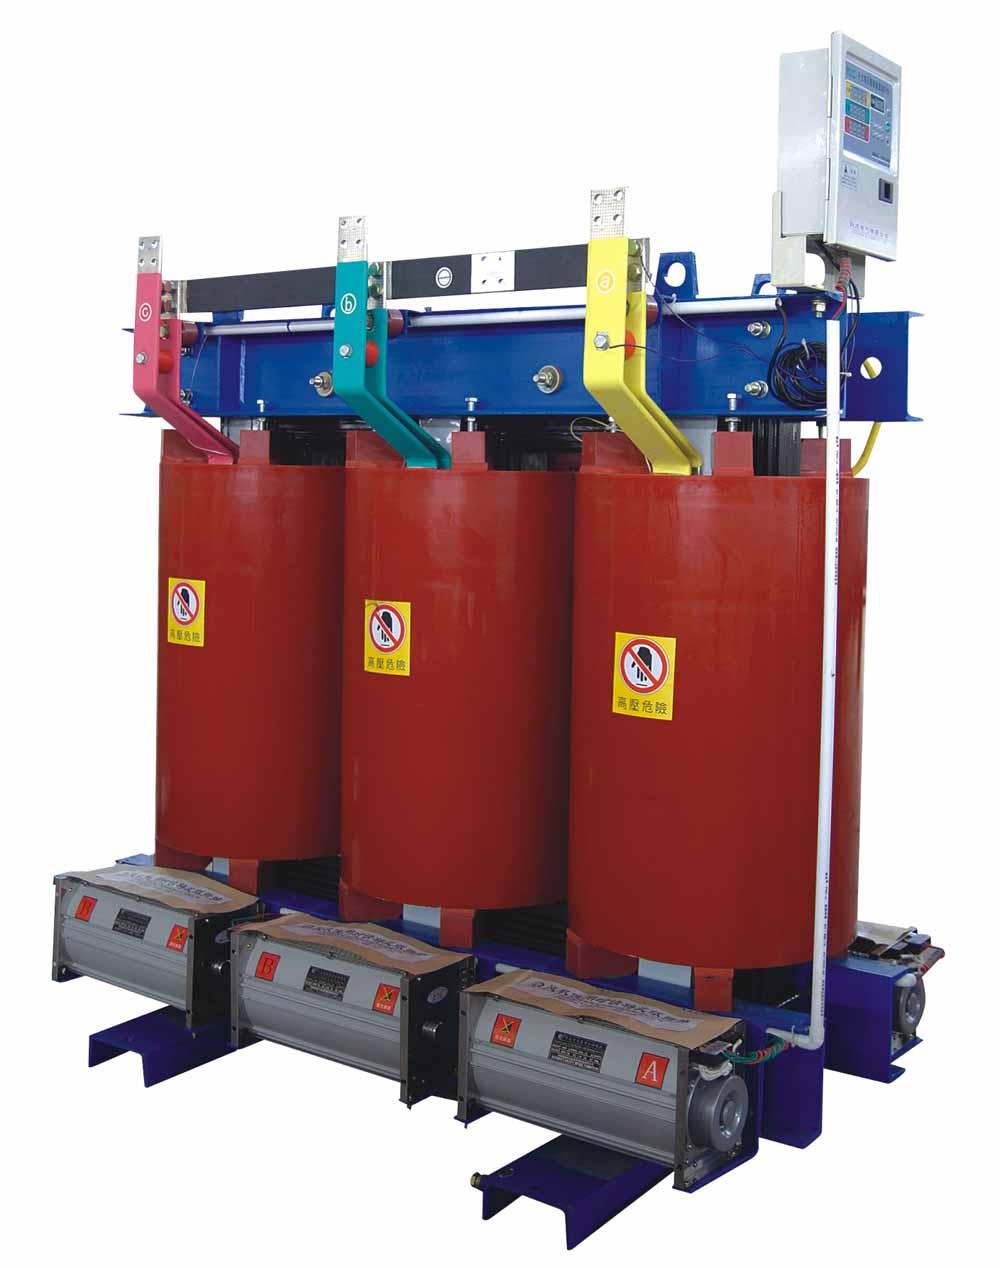 山东潍坊油浸式变压器价格:供应潍坊地区专业油... - 中国供应商